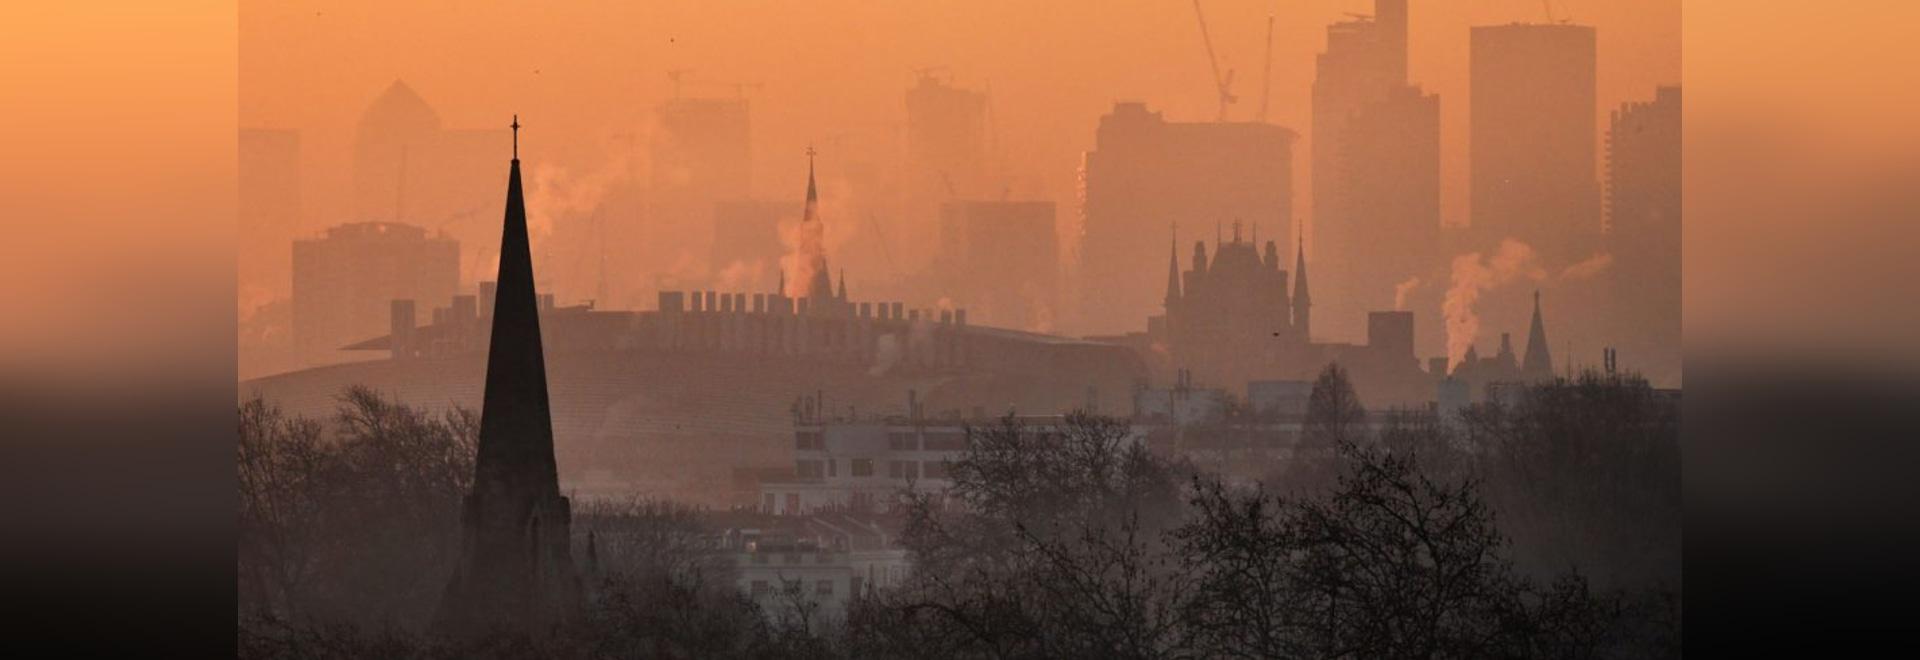 Maggiore è l'inquinamento dell'aria, maggiore è il rischio di glaucoma